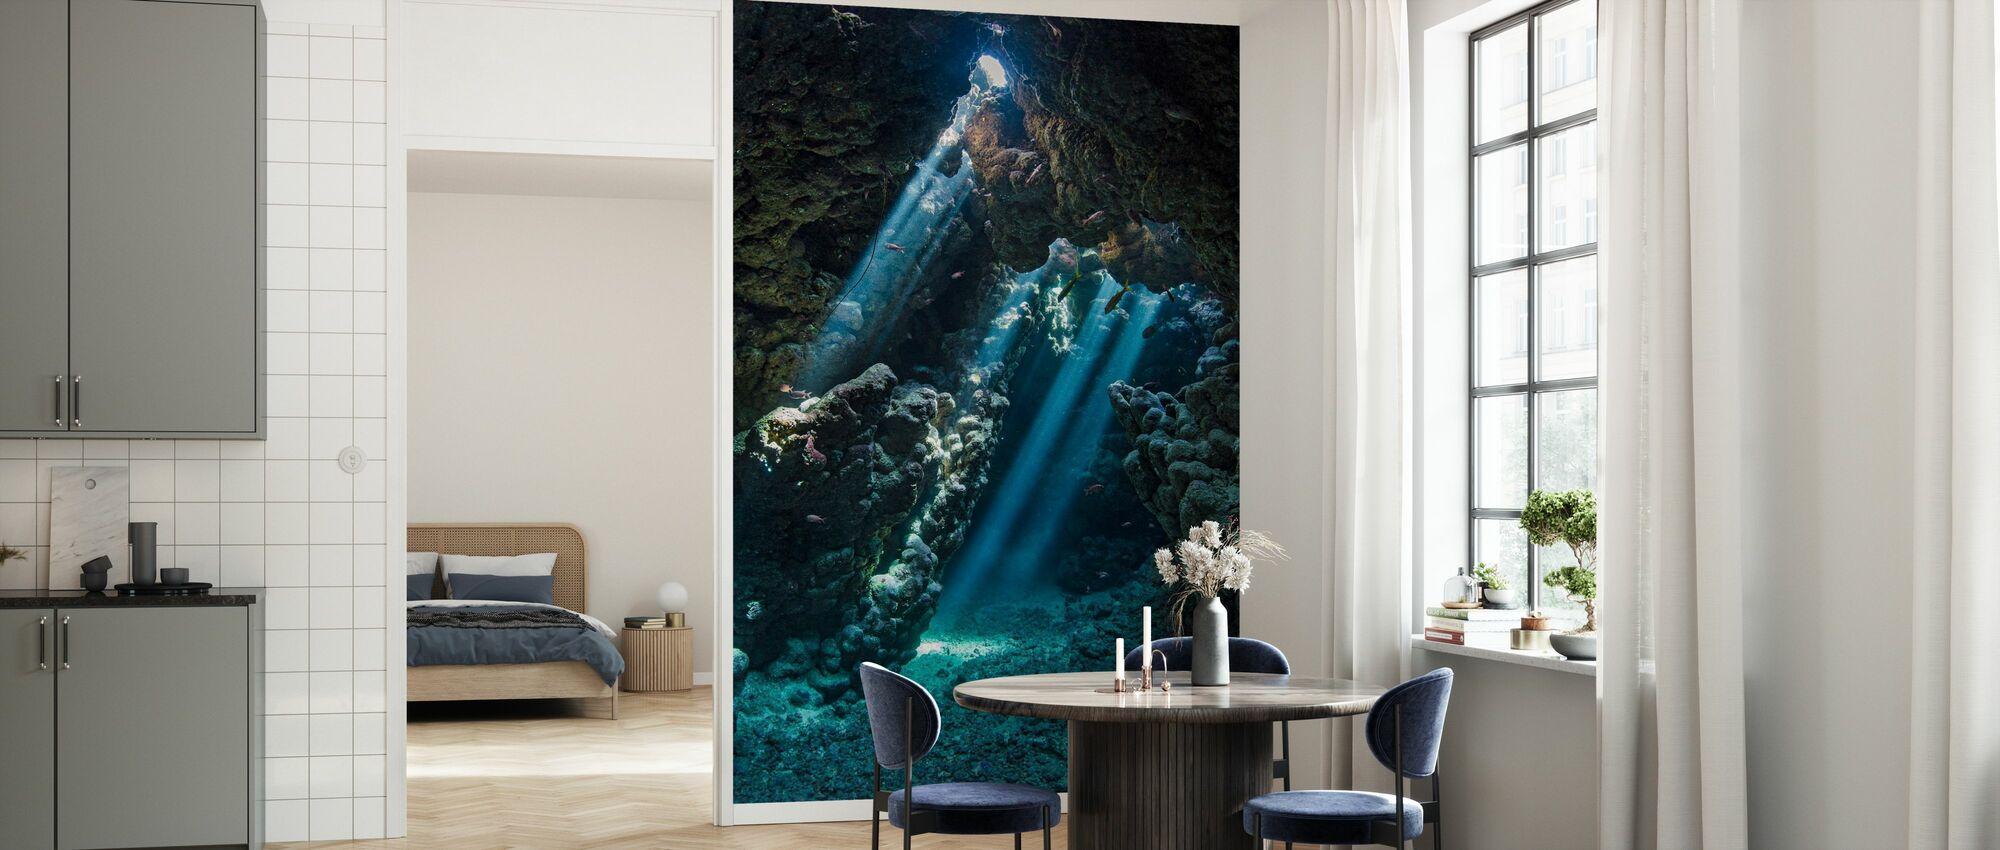 Underwater Cavern - Wallpaper - Kitchen